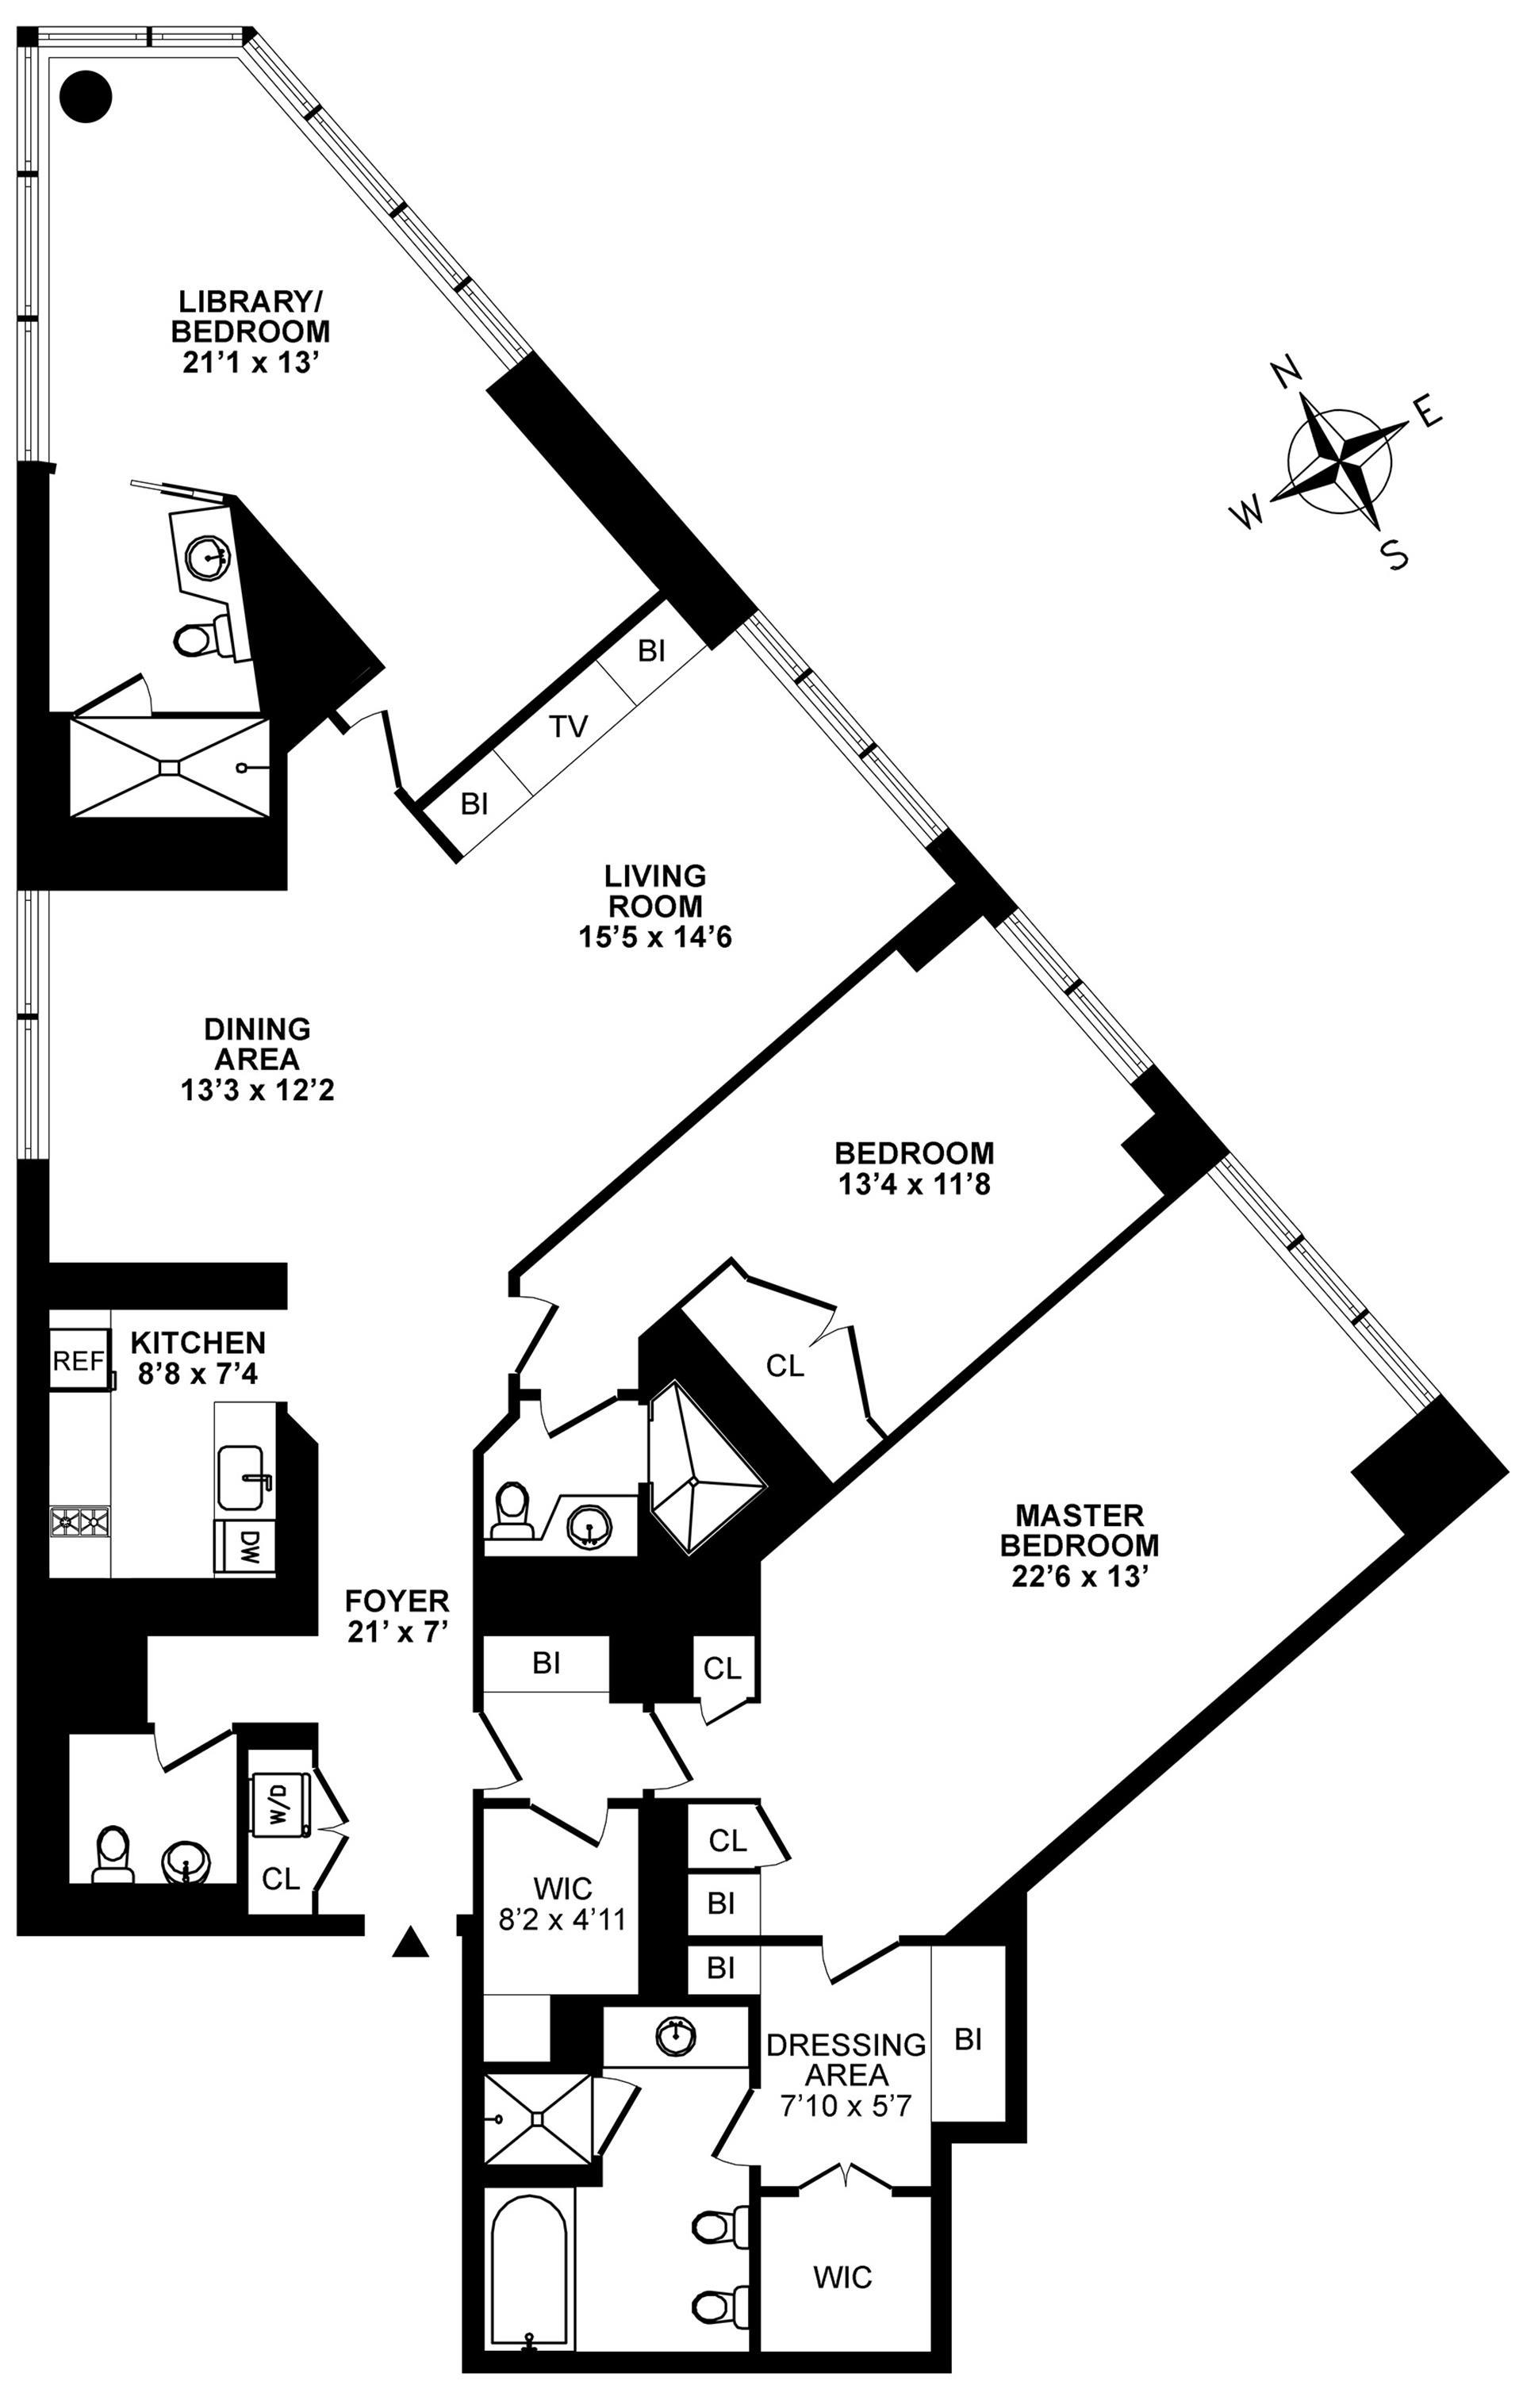 Floor plan of METROPOLITAN TOWER, 146 West 57th Street, 67A - Midtown, New York